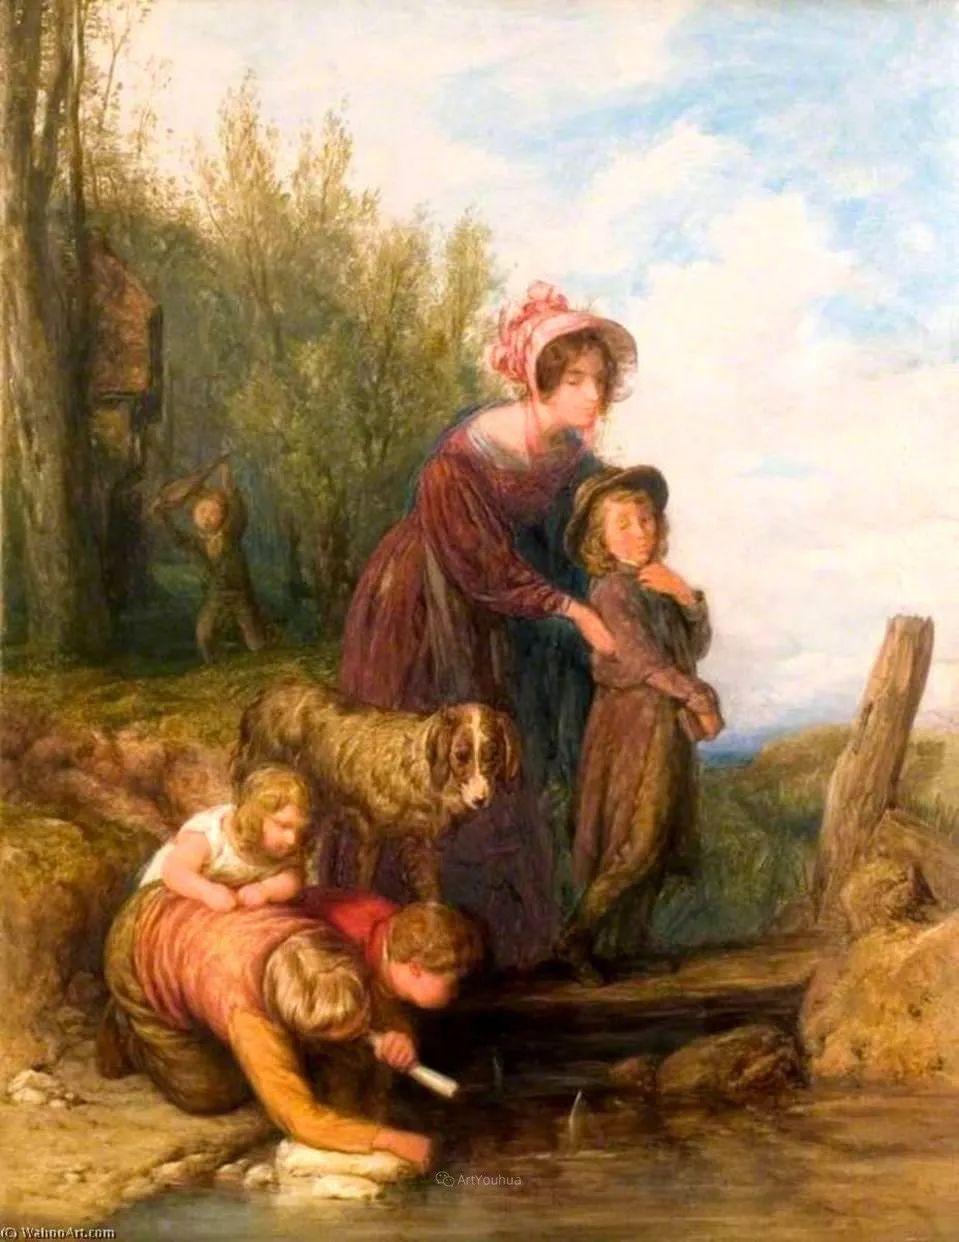 农村生活场景,爱尔兰画家威廉·穆雷迪插图41